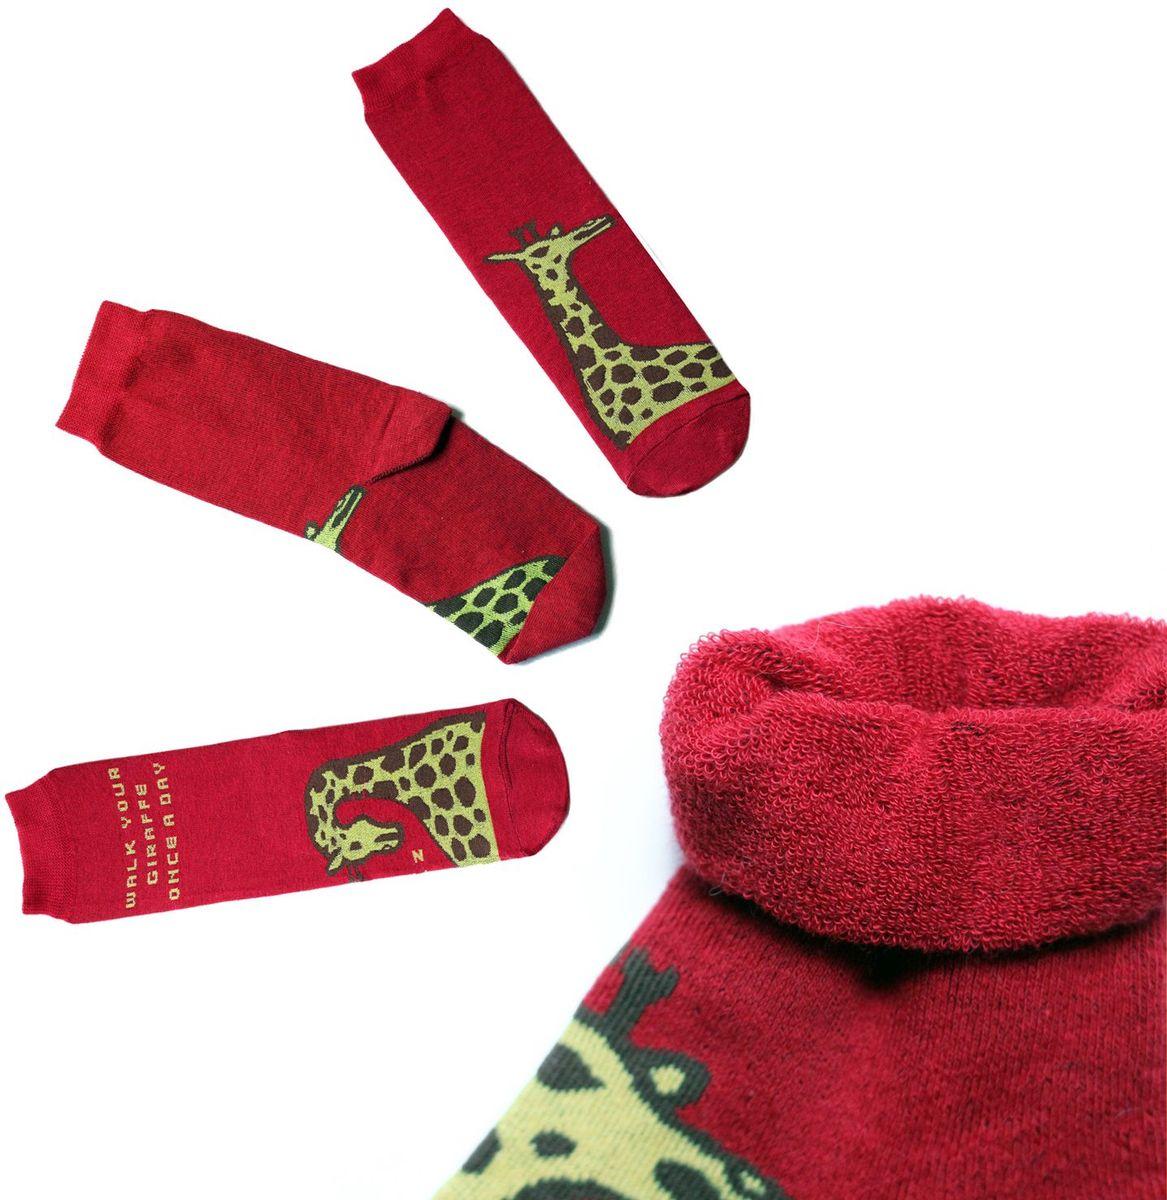 Носки детские Big Bang Socks, цвет: красный. n313. Размер 30/34n313Яркие носки Big Bang Socks изготовлены из высококачественного хлопка с добавлением полиамидных и эластановых волокон, которые обеспечивают великолепную посадку. Носки отличаются ярким стильным дизайном. Они оформлены изображением жирафа и надписью walk your giraffe once a day (гуляй с жирафом раз в день).